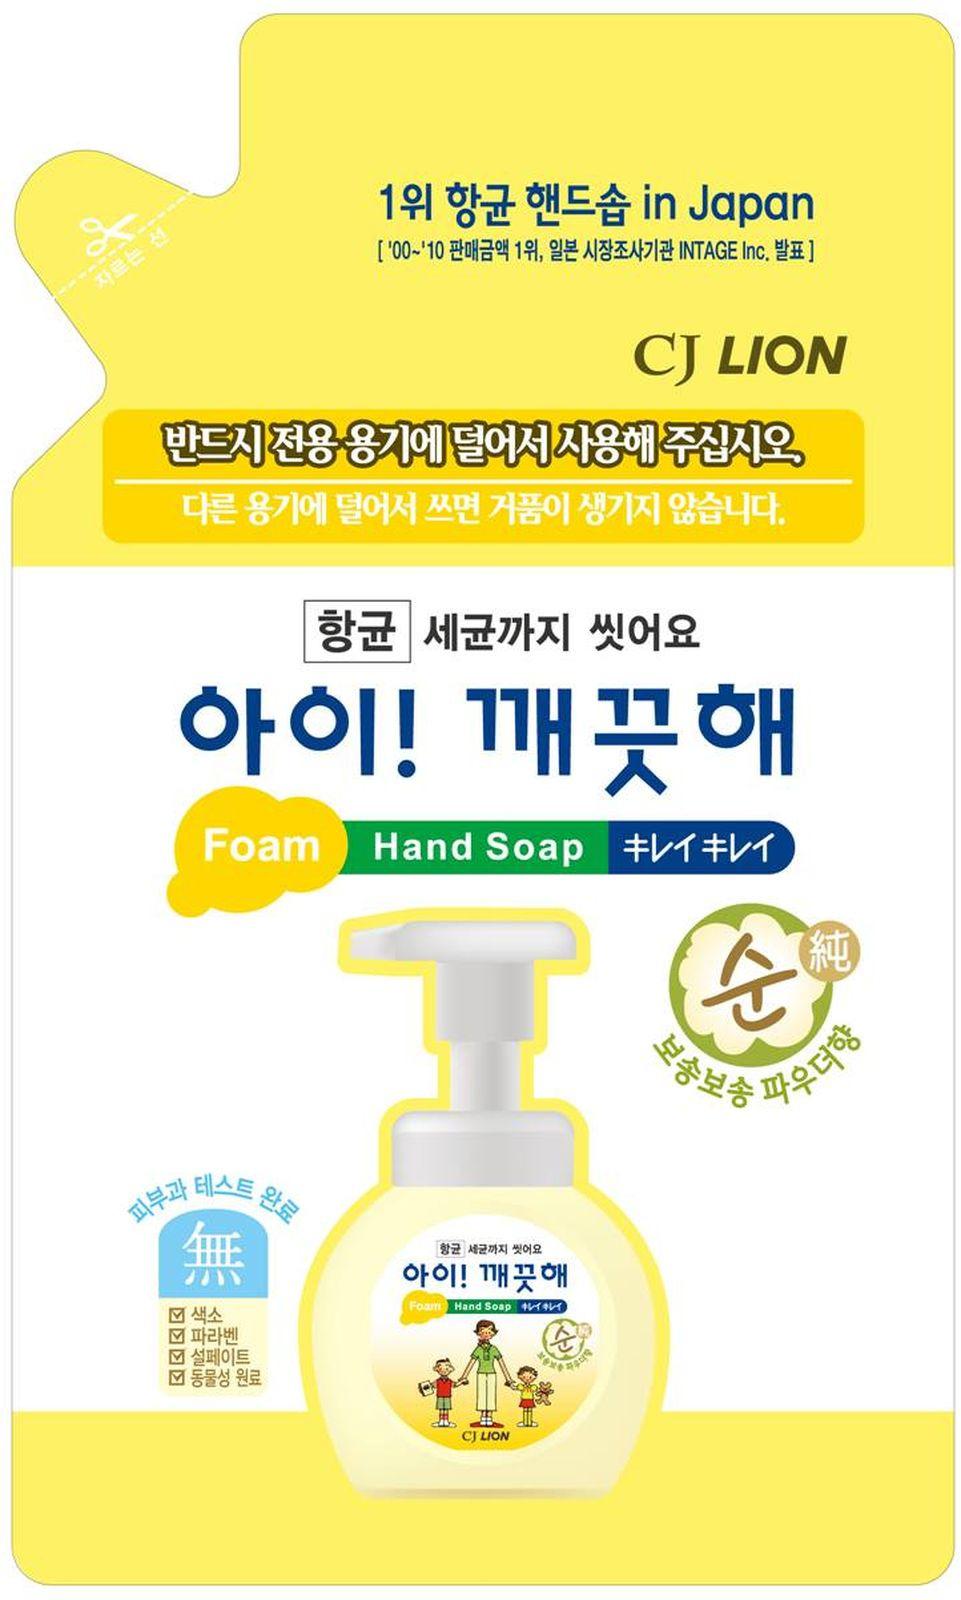 Жидкое мыло CJ Lion Ai-Kekute, для чувствительной кожи, запасной блок, 200 мл